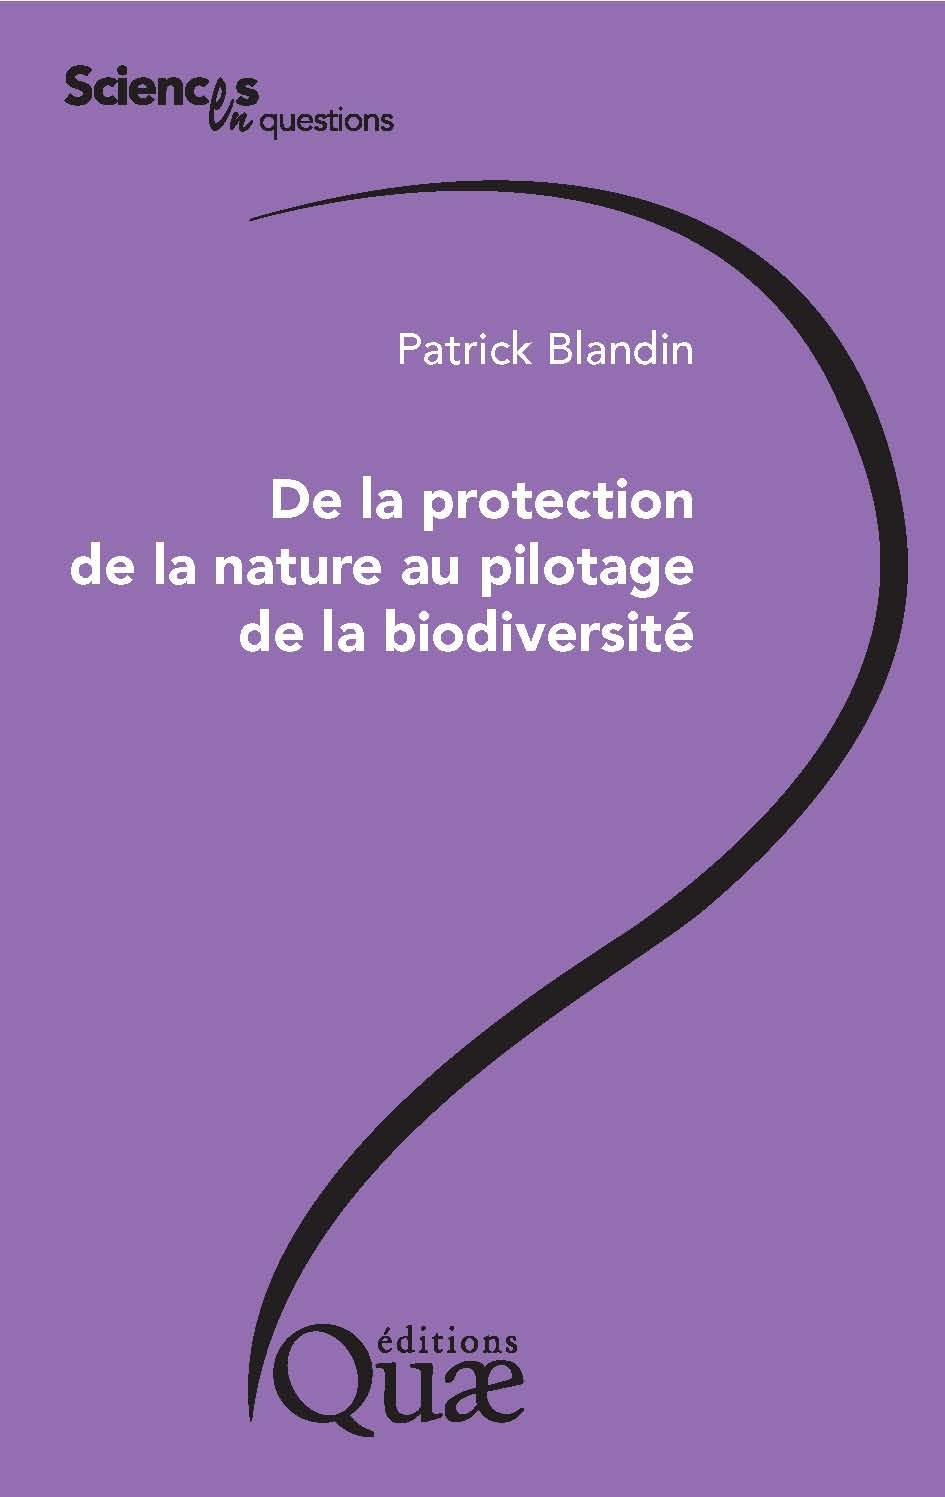 De la protection de la natureau pilotage de la biodiversité